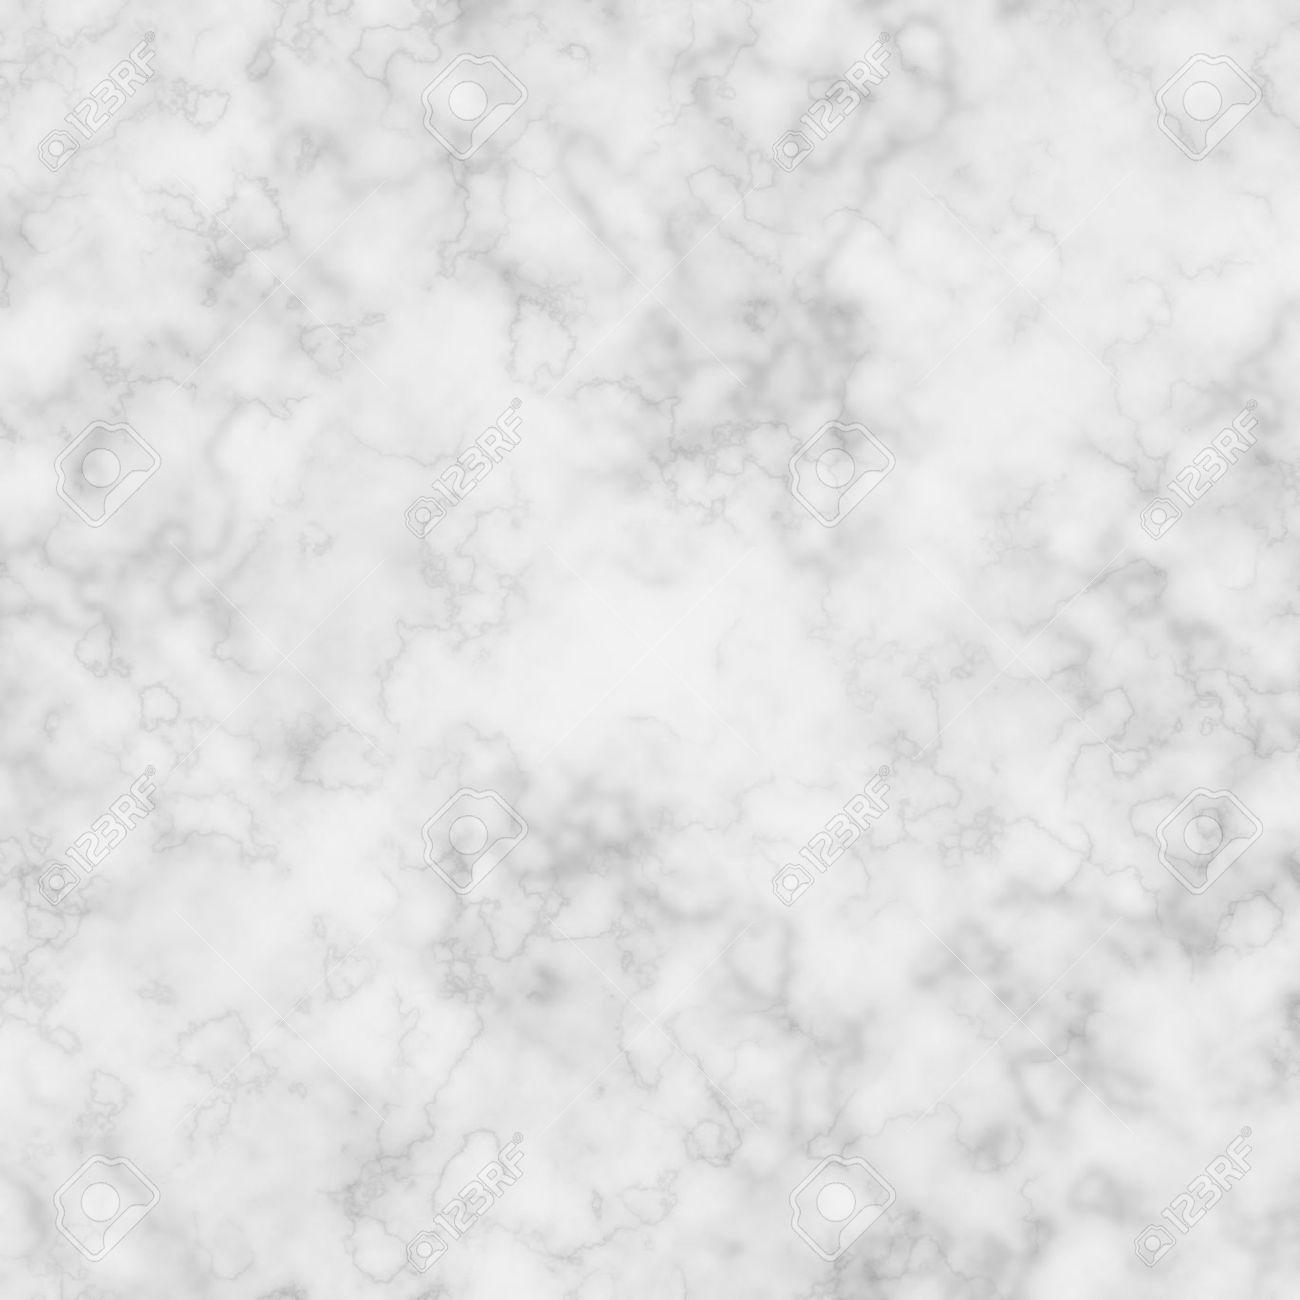 marmol blanco textura buscar con google texturas